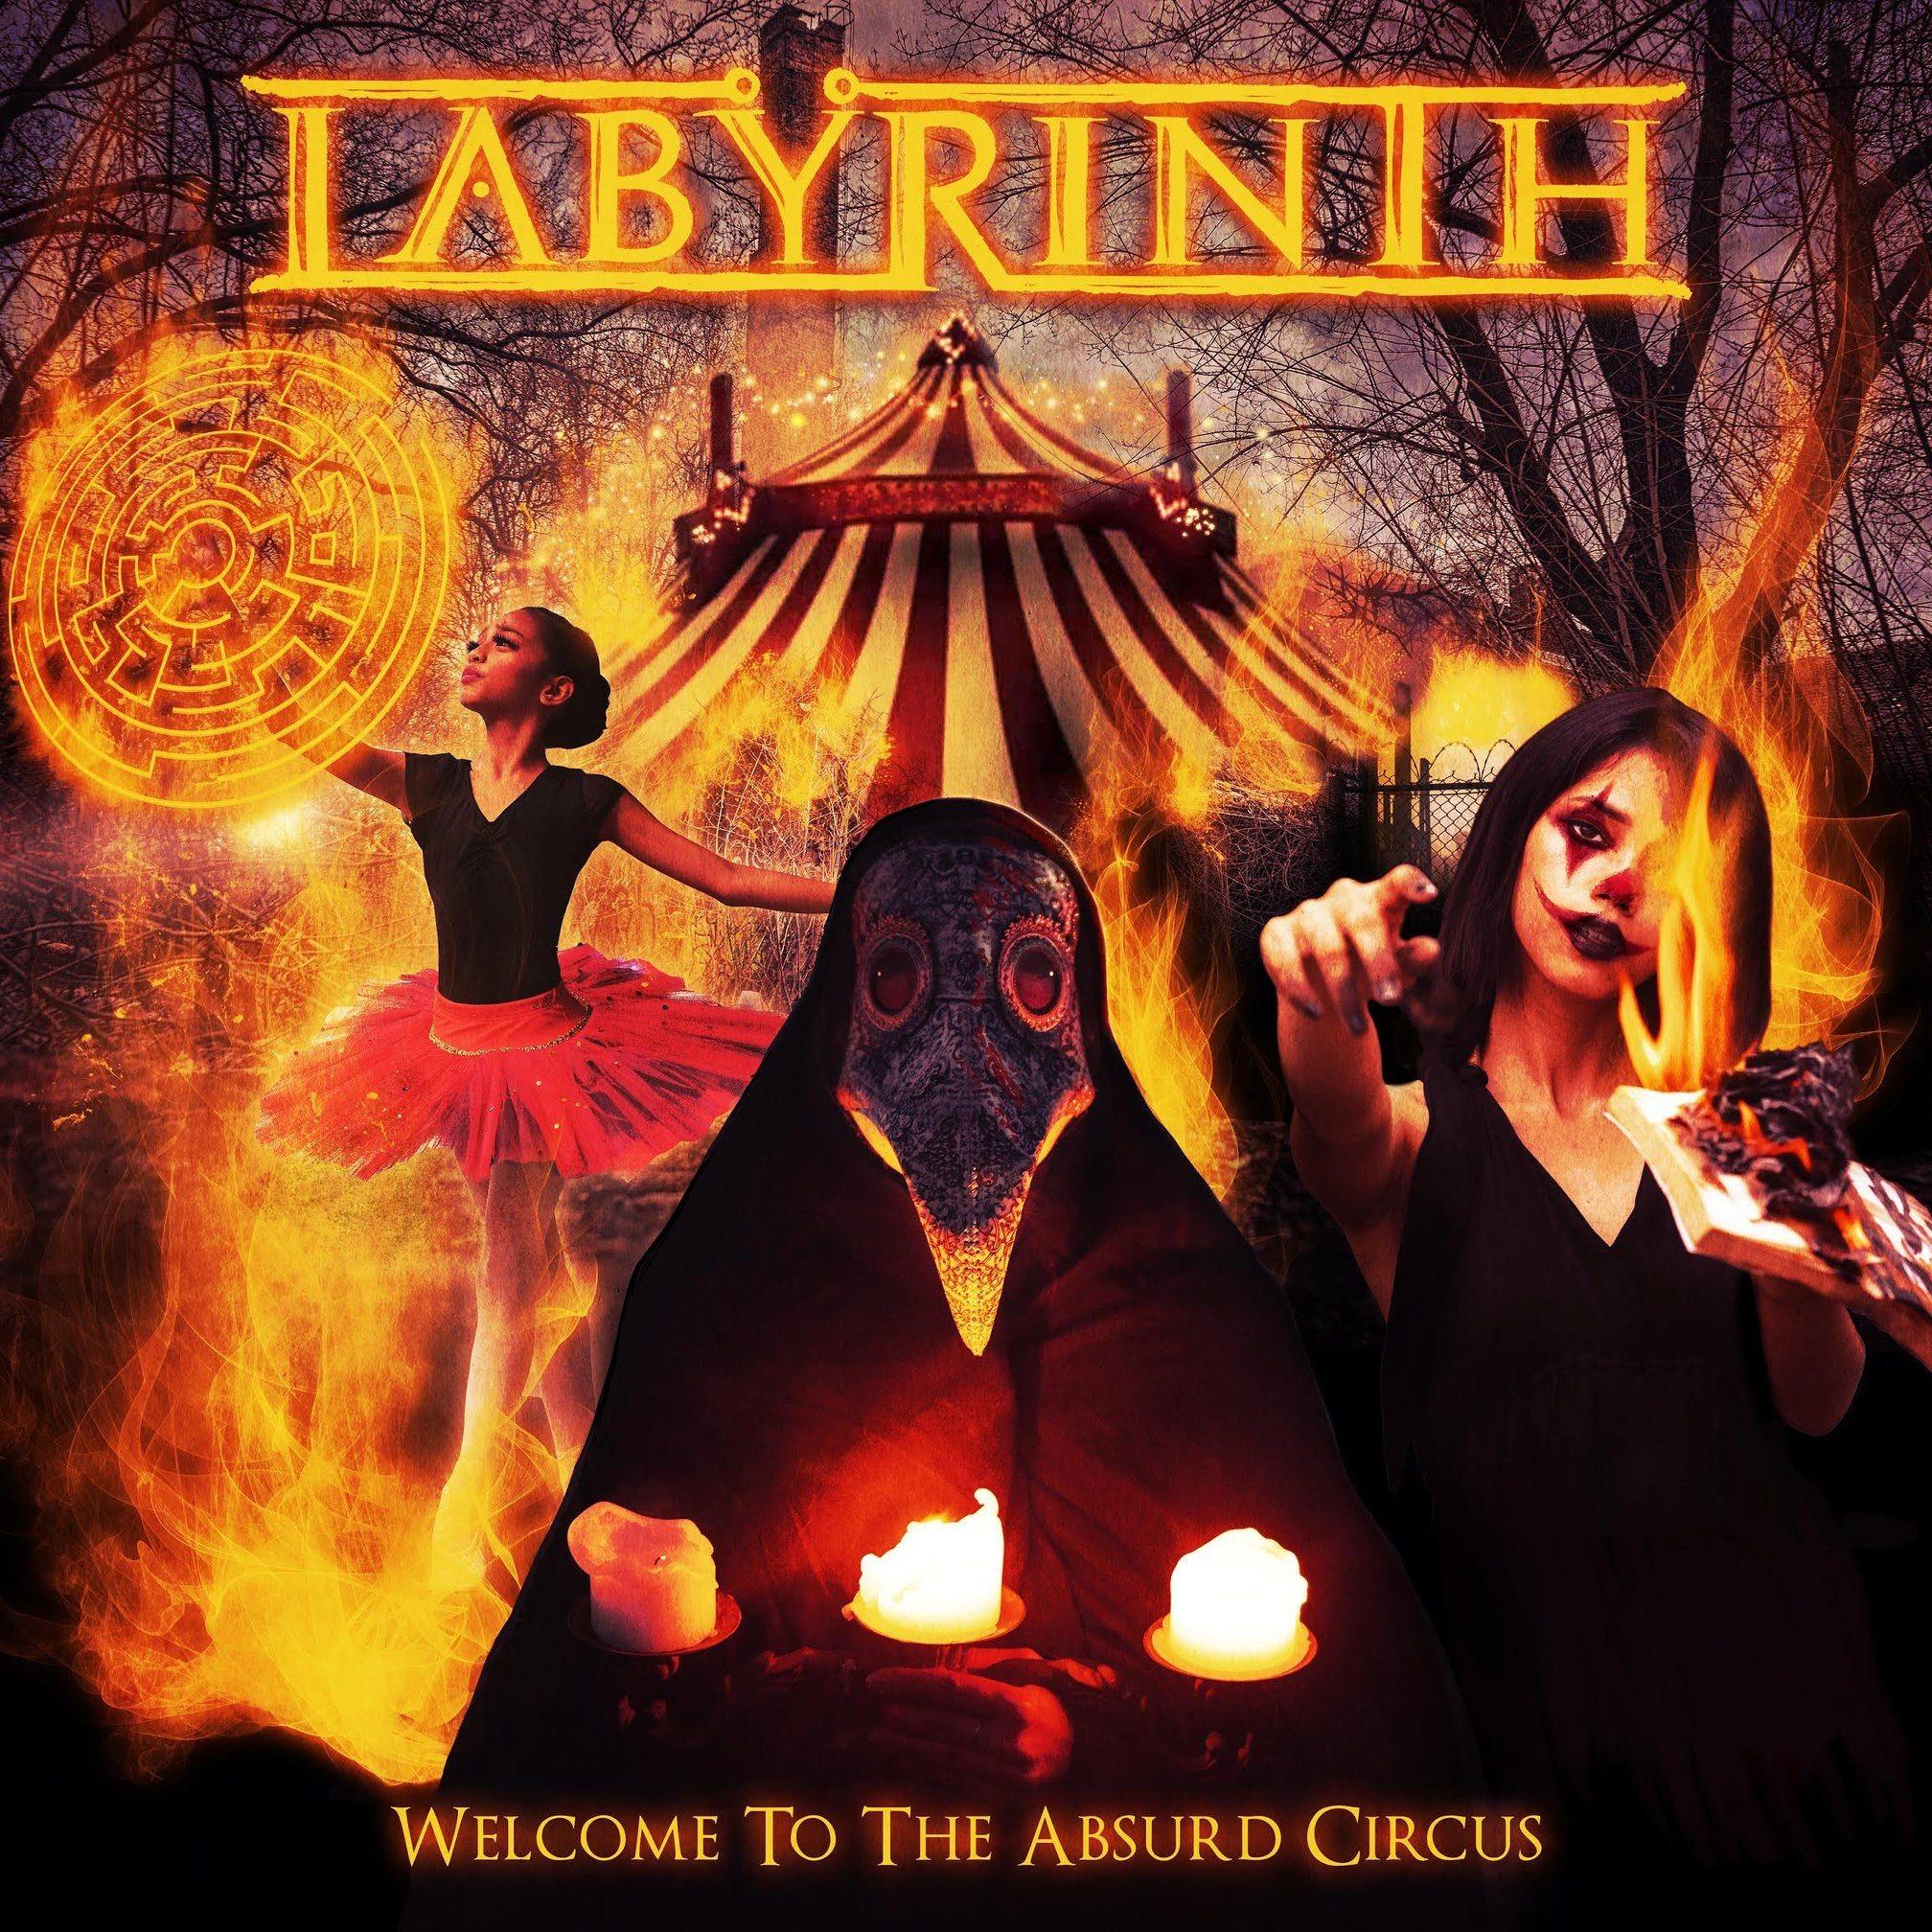 Exclusivo: músicos do Labyrinth falam sobre o novo lançamento!